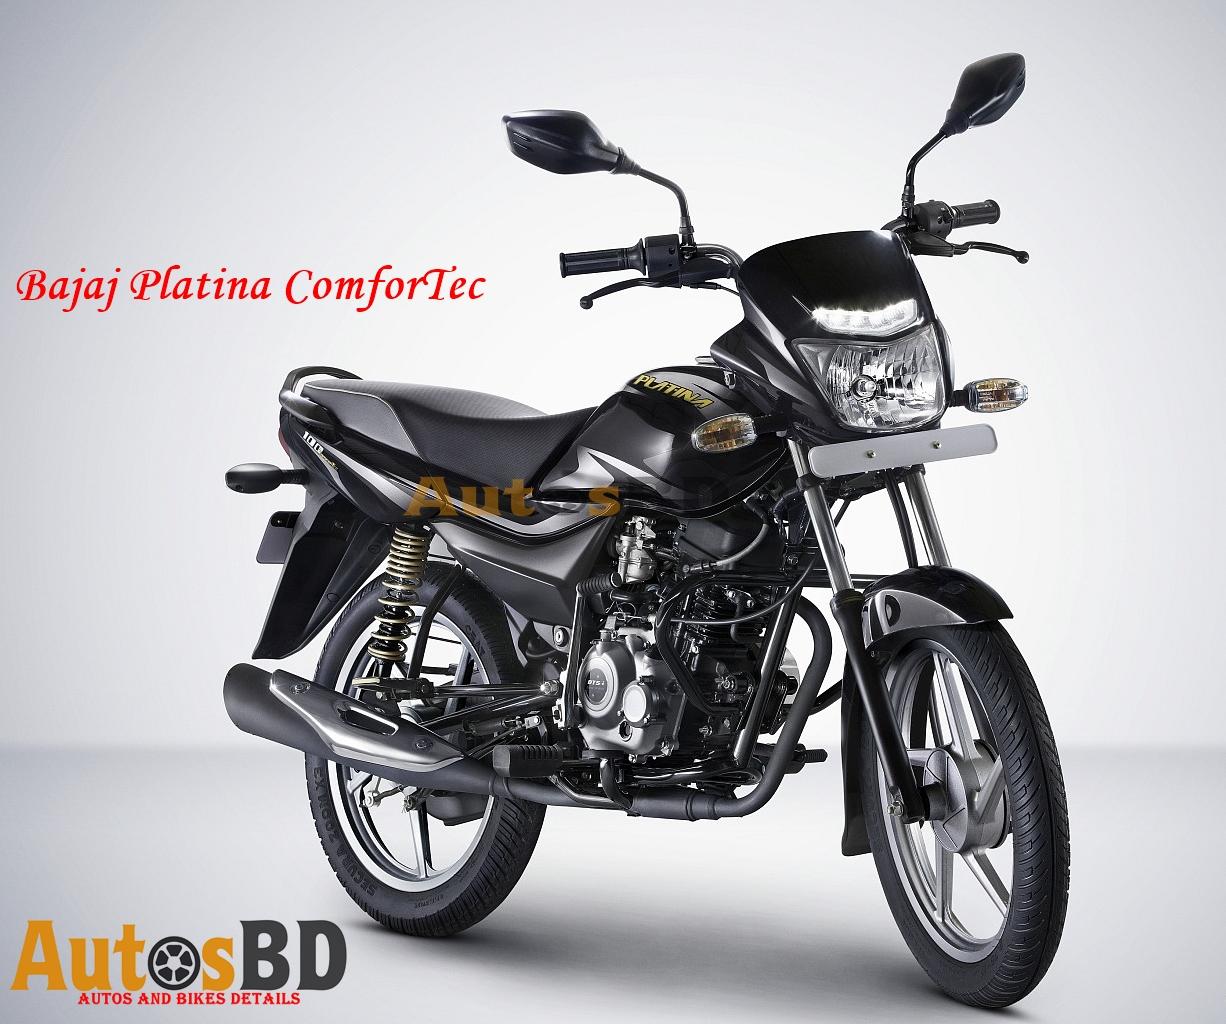 Bajaj Platina 100 ComforTec KS Motorcycle Price in India